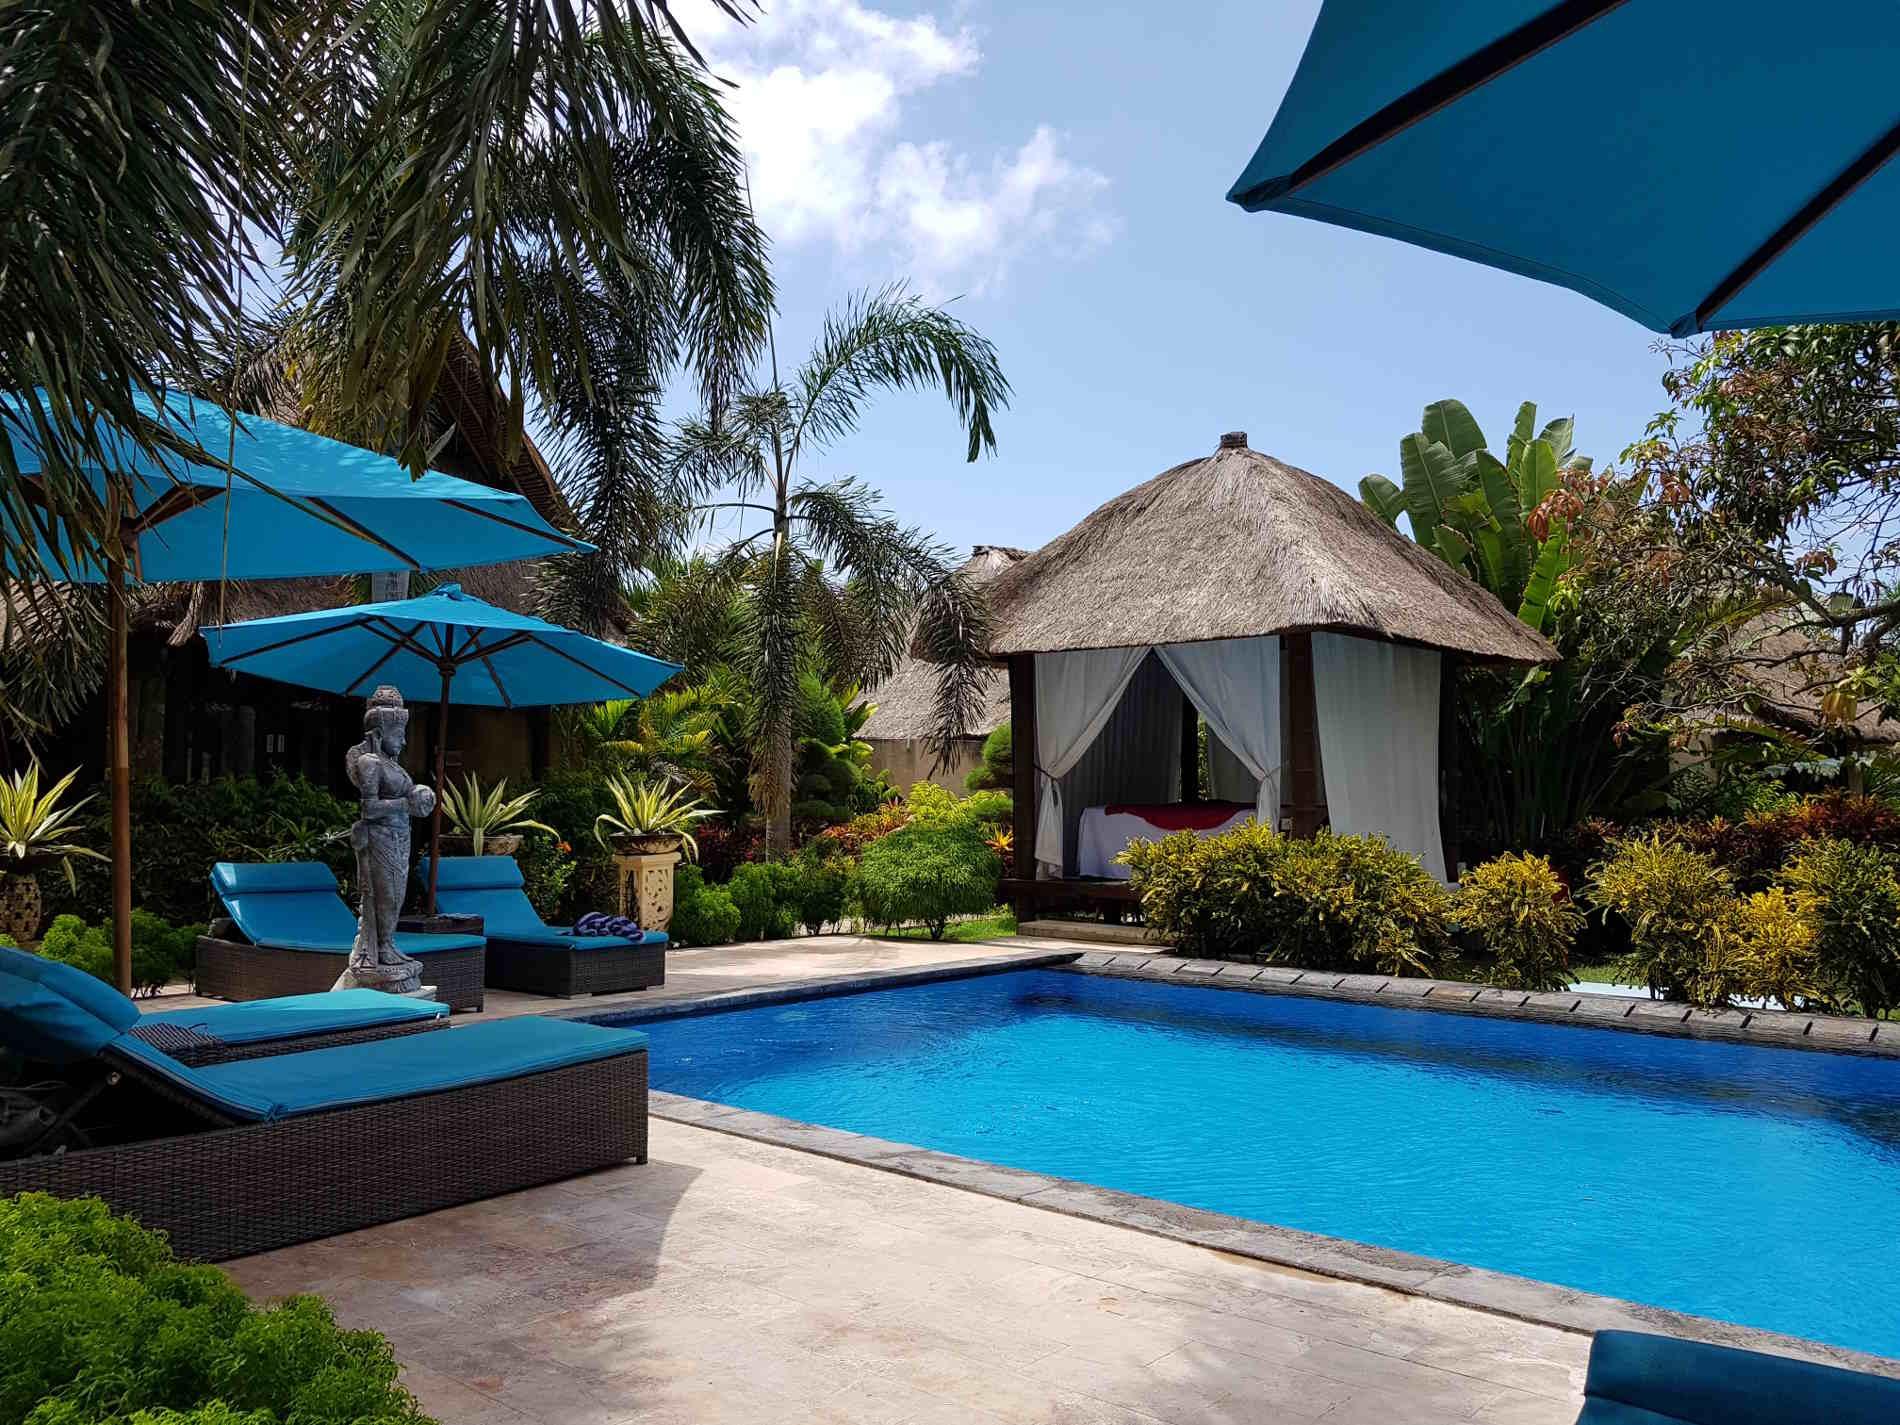 Dove dormire a Bali: angoli relax nella zona piscina